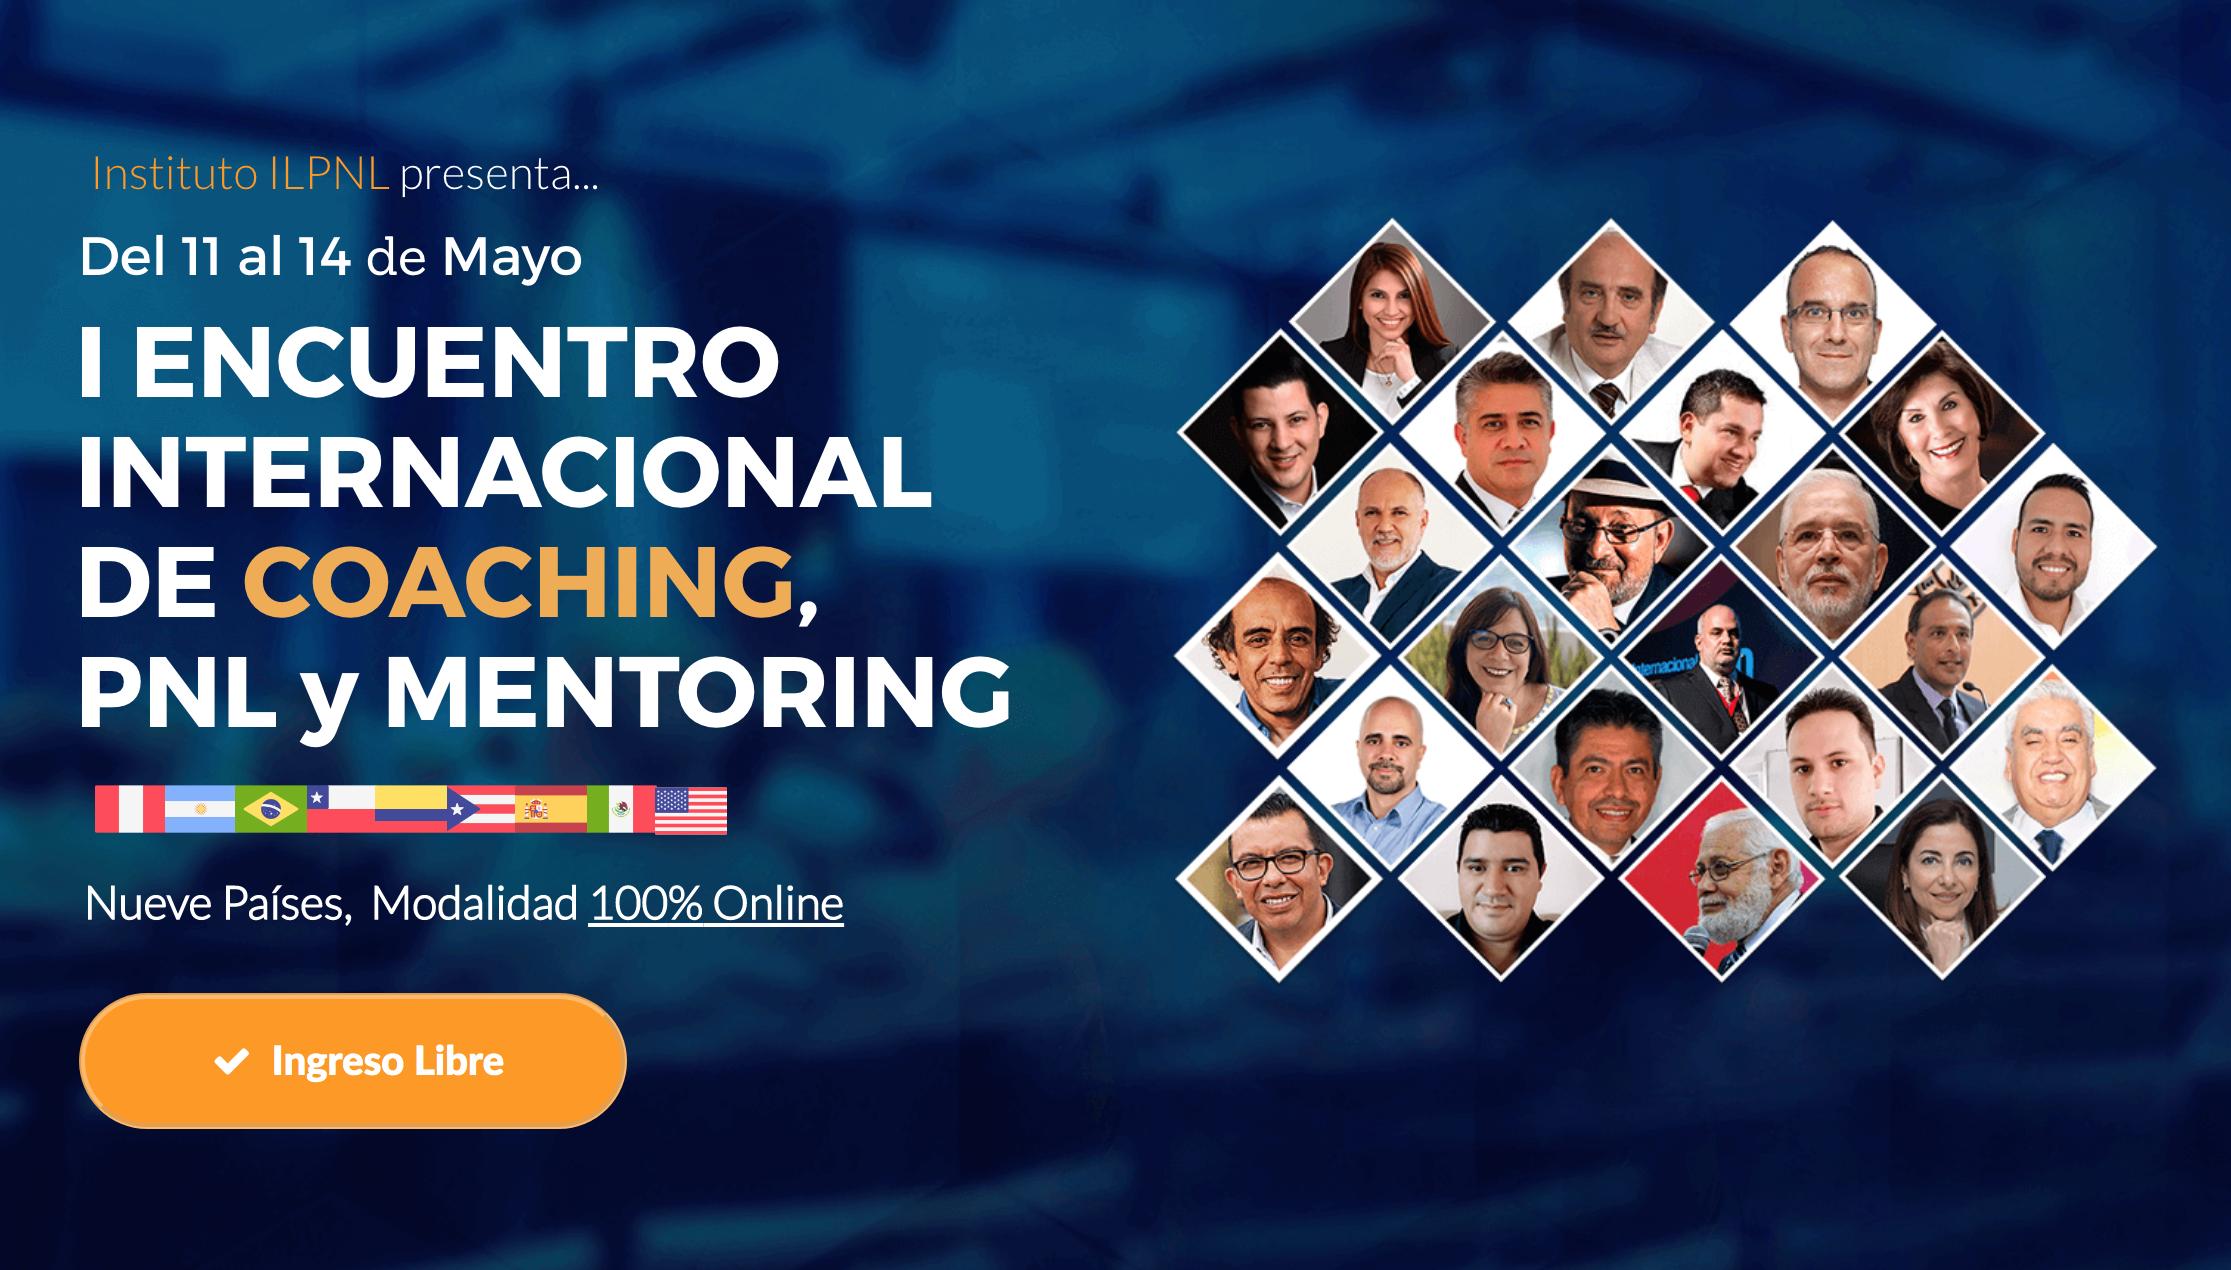 PRIMER ENCUENTRO INTERNACIONAL DE COACHING, PNL y MENTORING